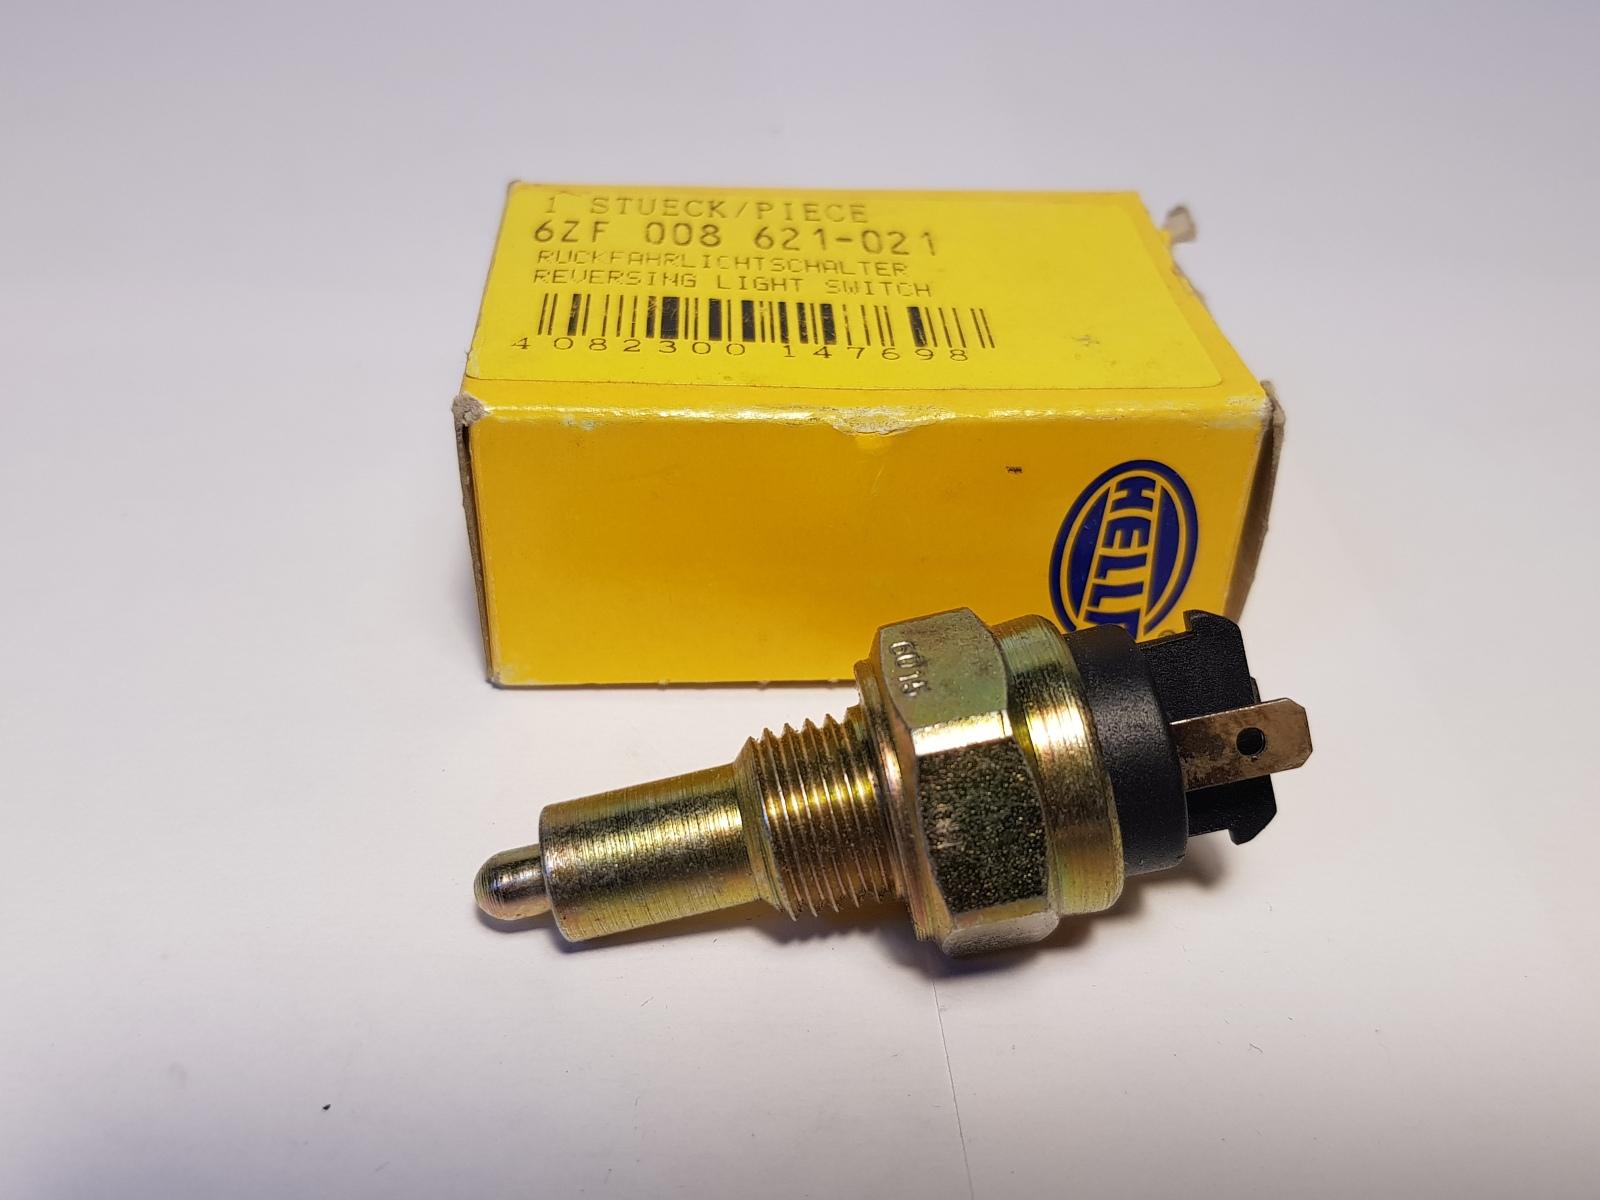 Hella 6ZF008621-021 Schalter für Rückfahrlicht Rückfahrleuchtenschalter Switch